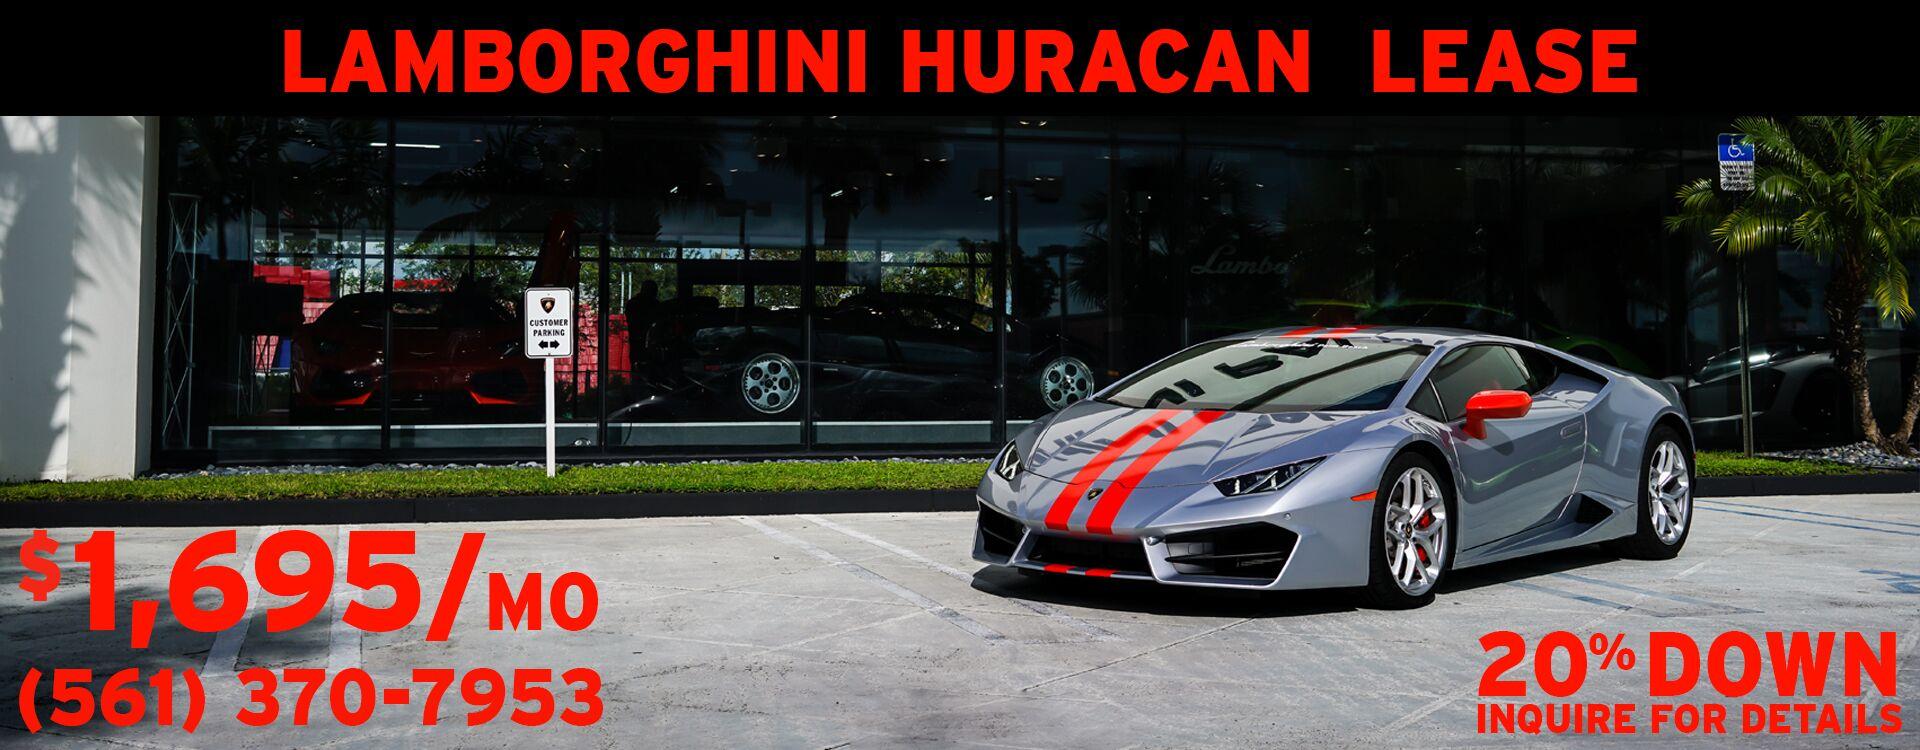 Palm Beach Florida Lamborghini Dealership Lamborghini